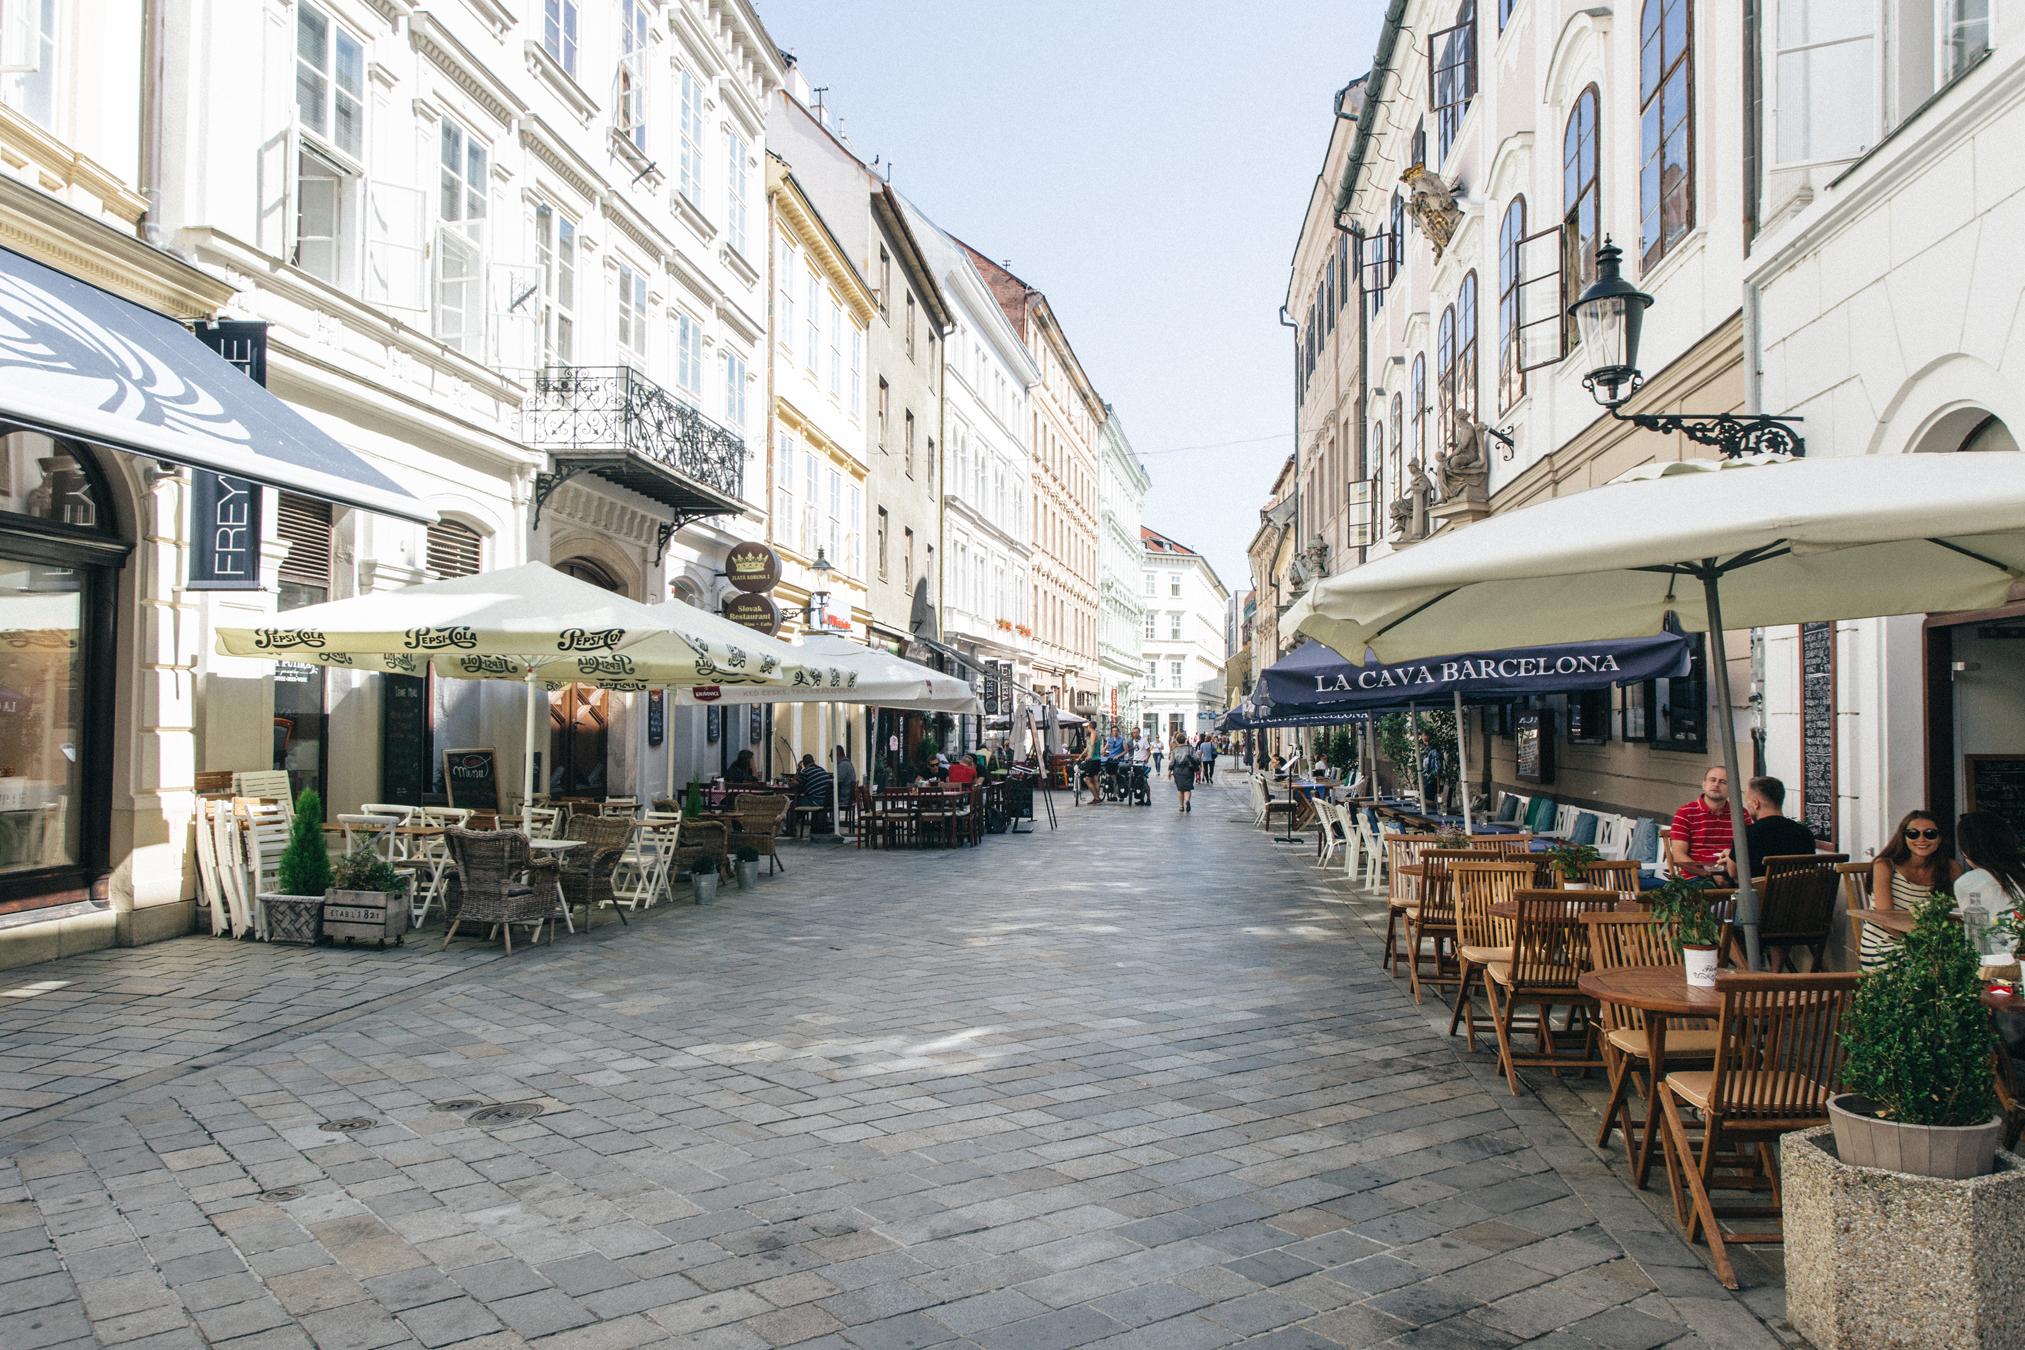 Rua Panska